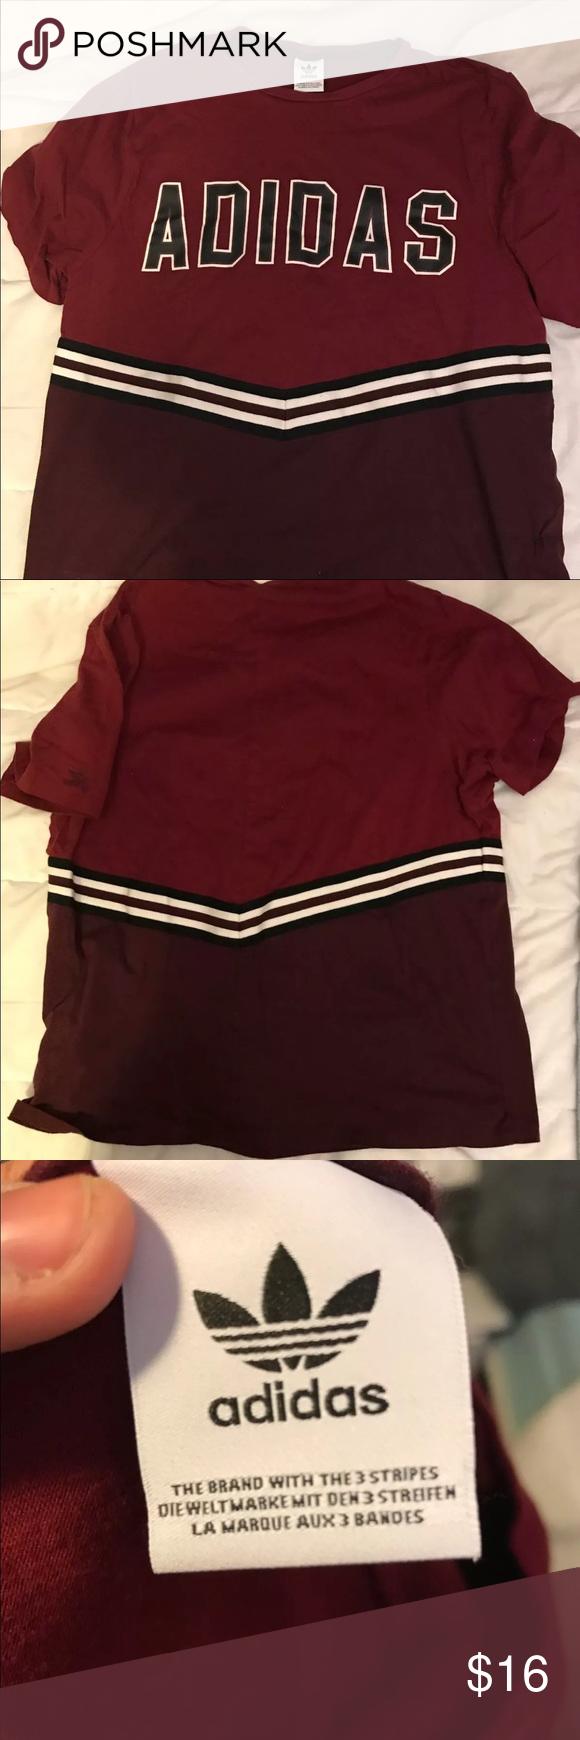 Adidas Maroon Adidas T - Shirt Pacsun, Adidas Maroon E Maniche Corte a14fa5